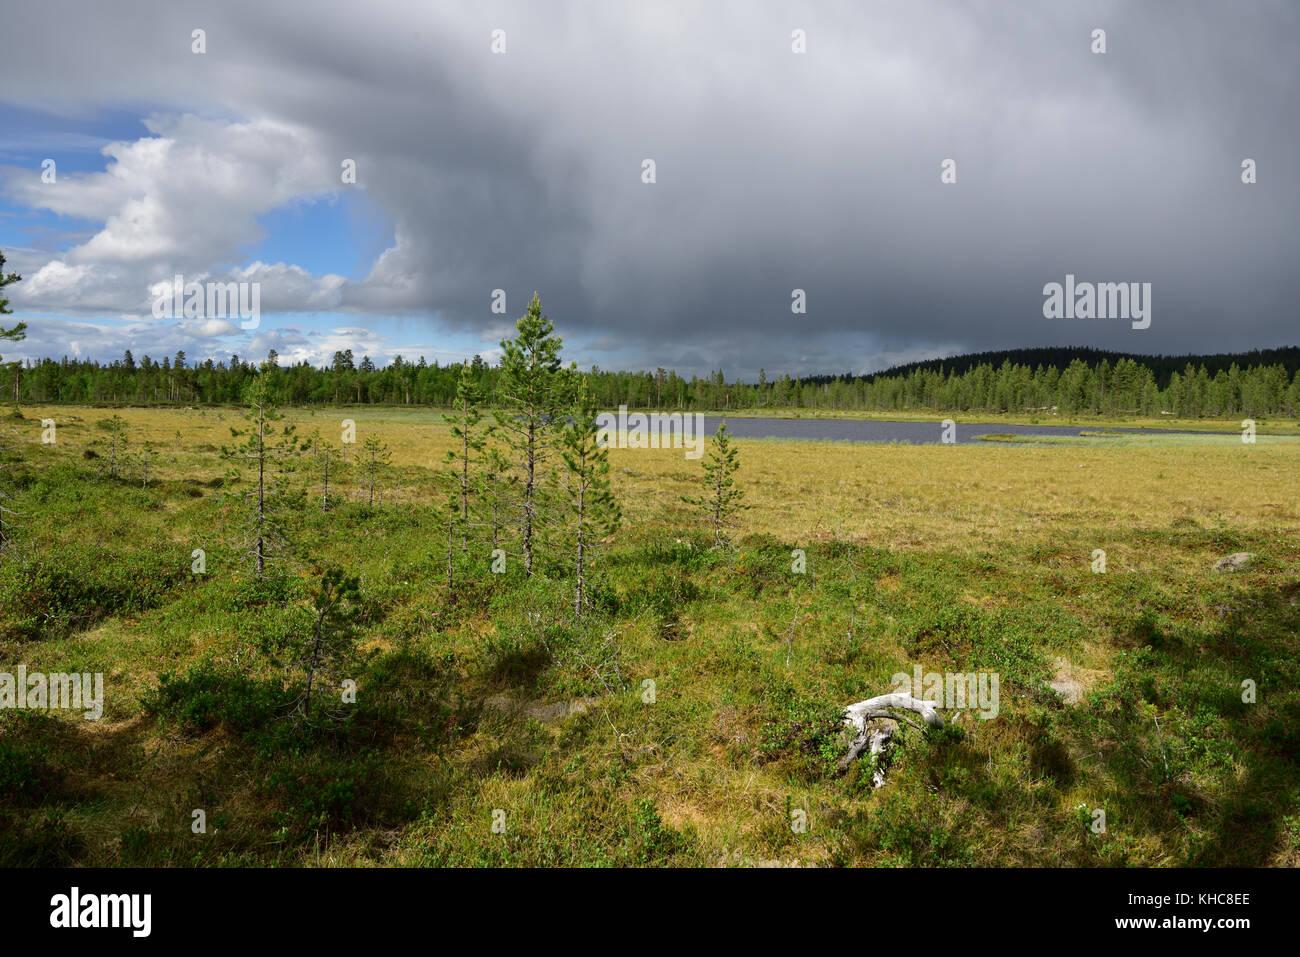 Marsh, moor, lake, forest, thunderstorm, Särna, Heden-Särna kommun, Dalarna county, Sweden *** Local Caption - Stock Image